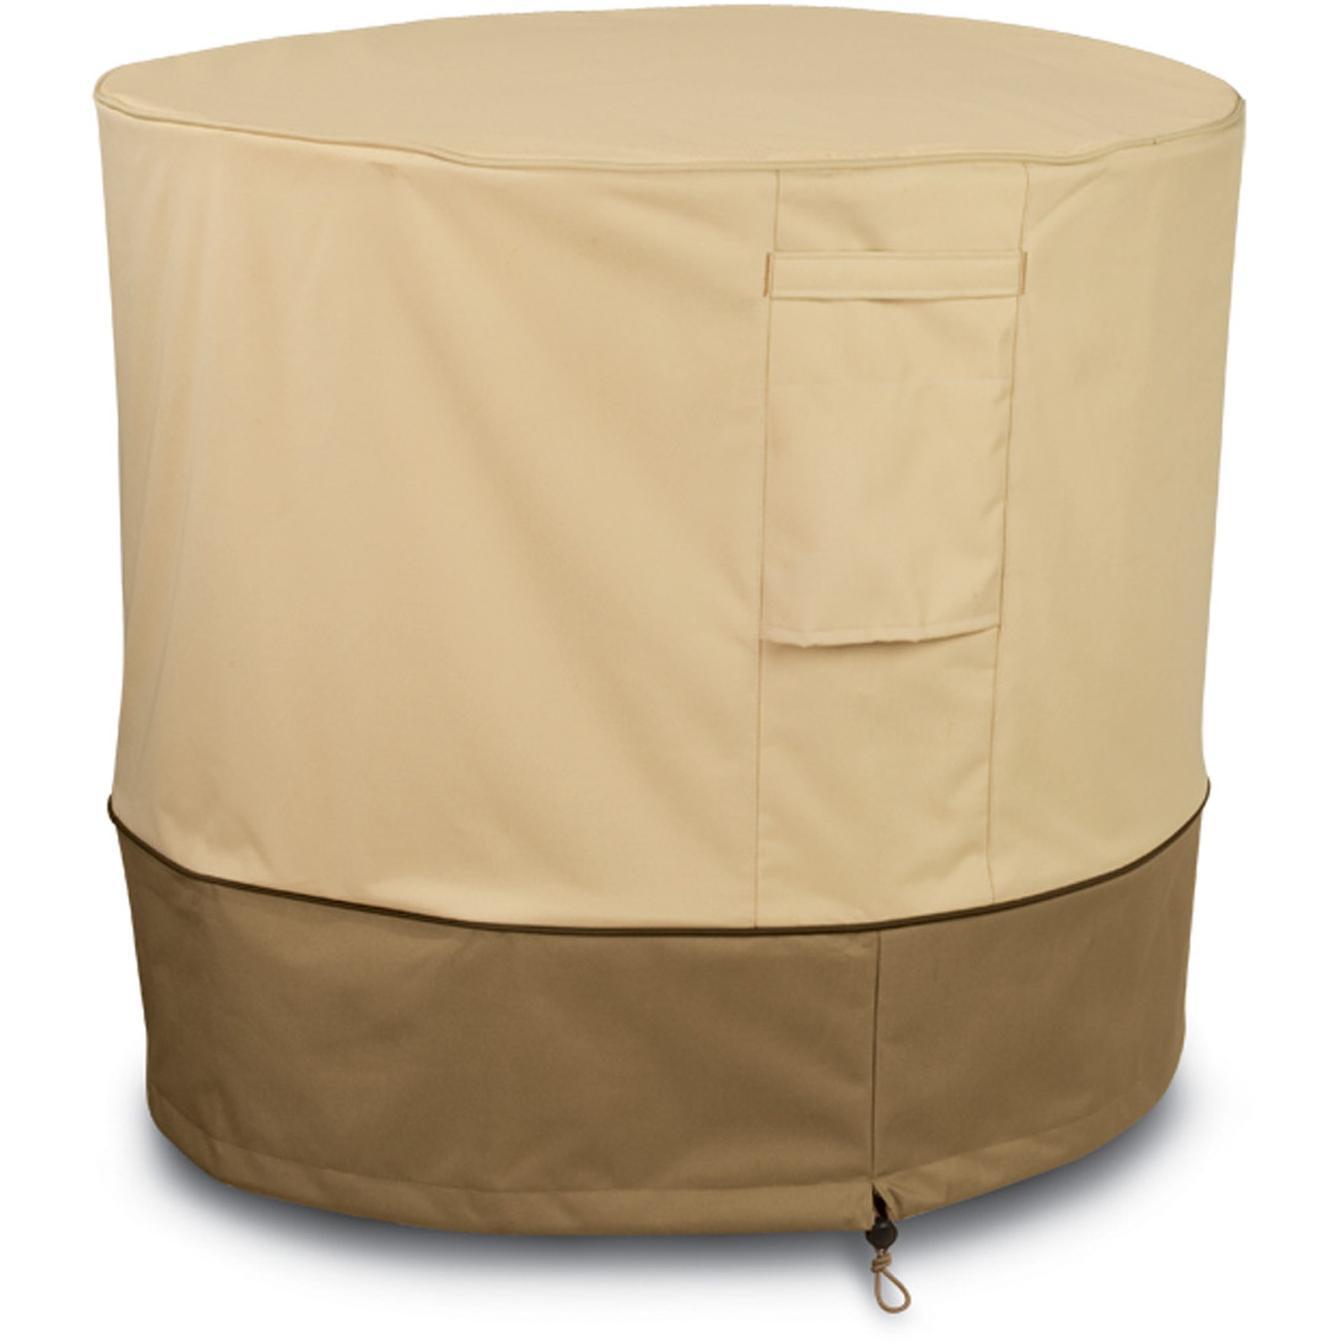 Classic Accessories Veranda Air Conditioner Cover - Pebble/Barn/Earth - Round 2826024